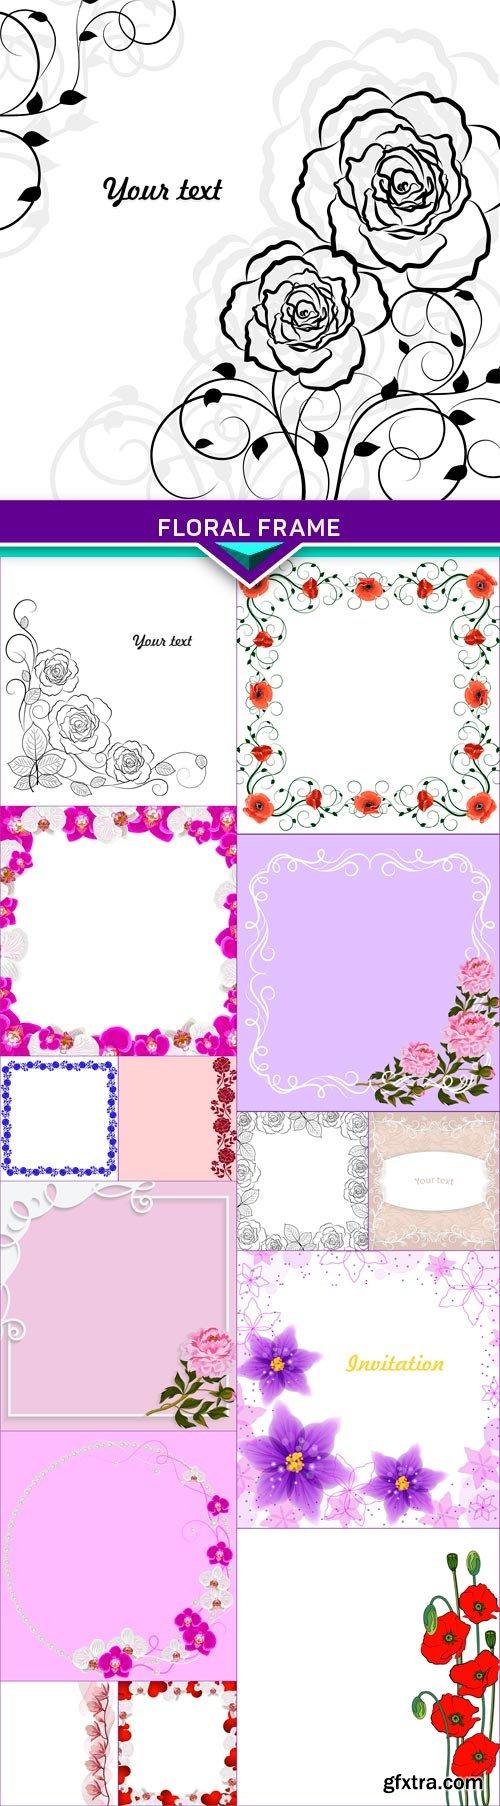 Floral frame1 15x EPS